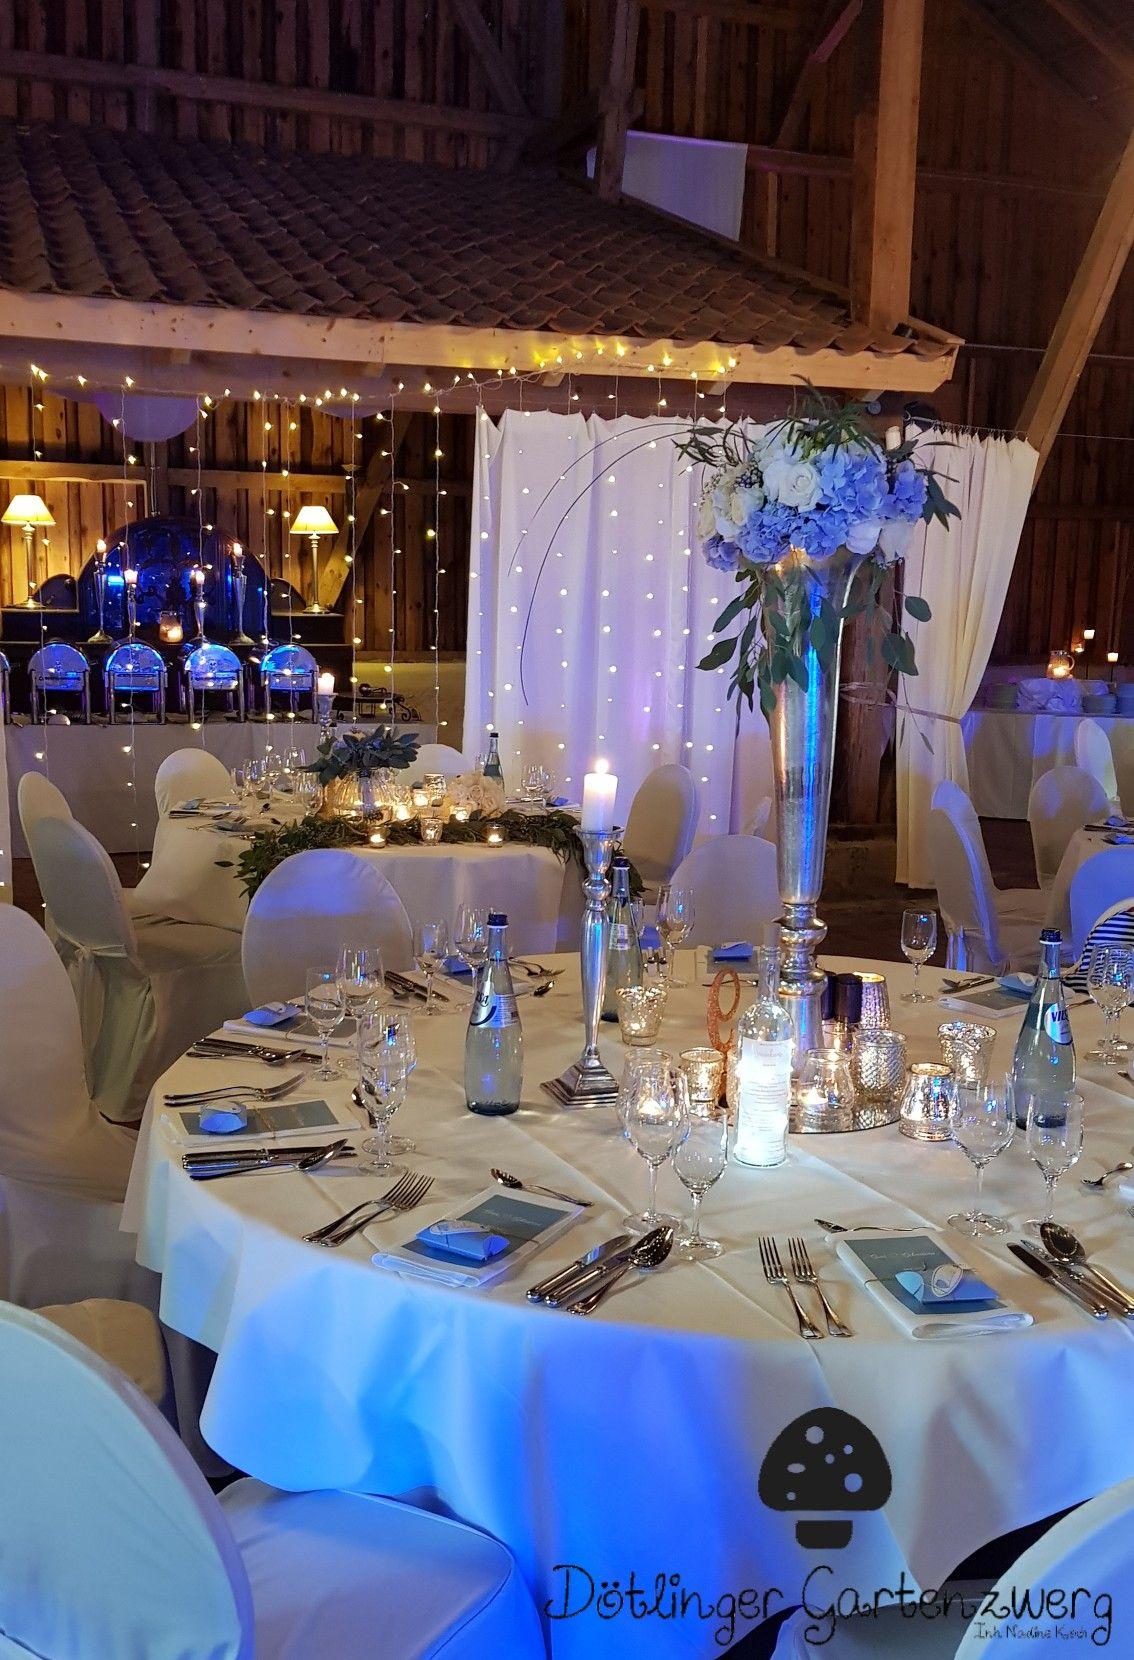 Hohe Gestecke Zur Tischdekoration In Blau Weiss Gold Mit Hortensien Rosen Eucalypthus Und Vielen Windlichtern Tischdekoration Hochzeitsdeko Blaue Hochzeit